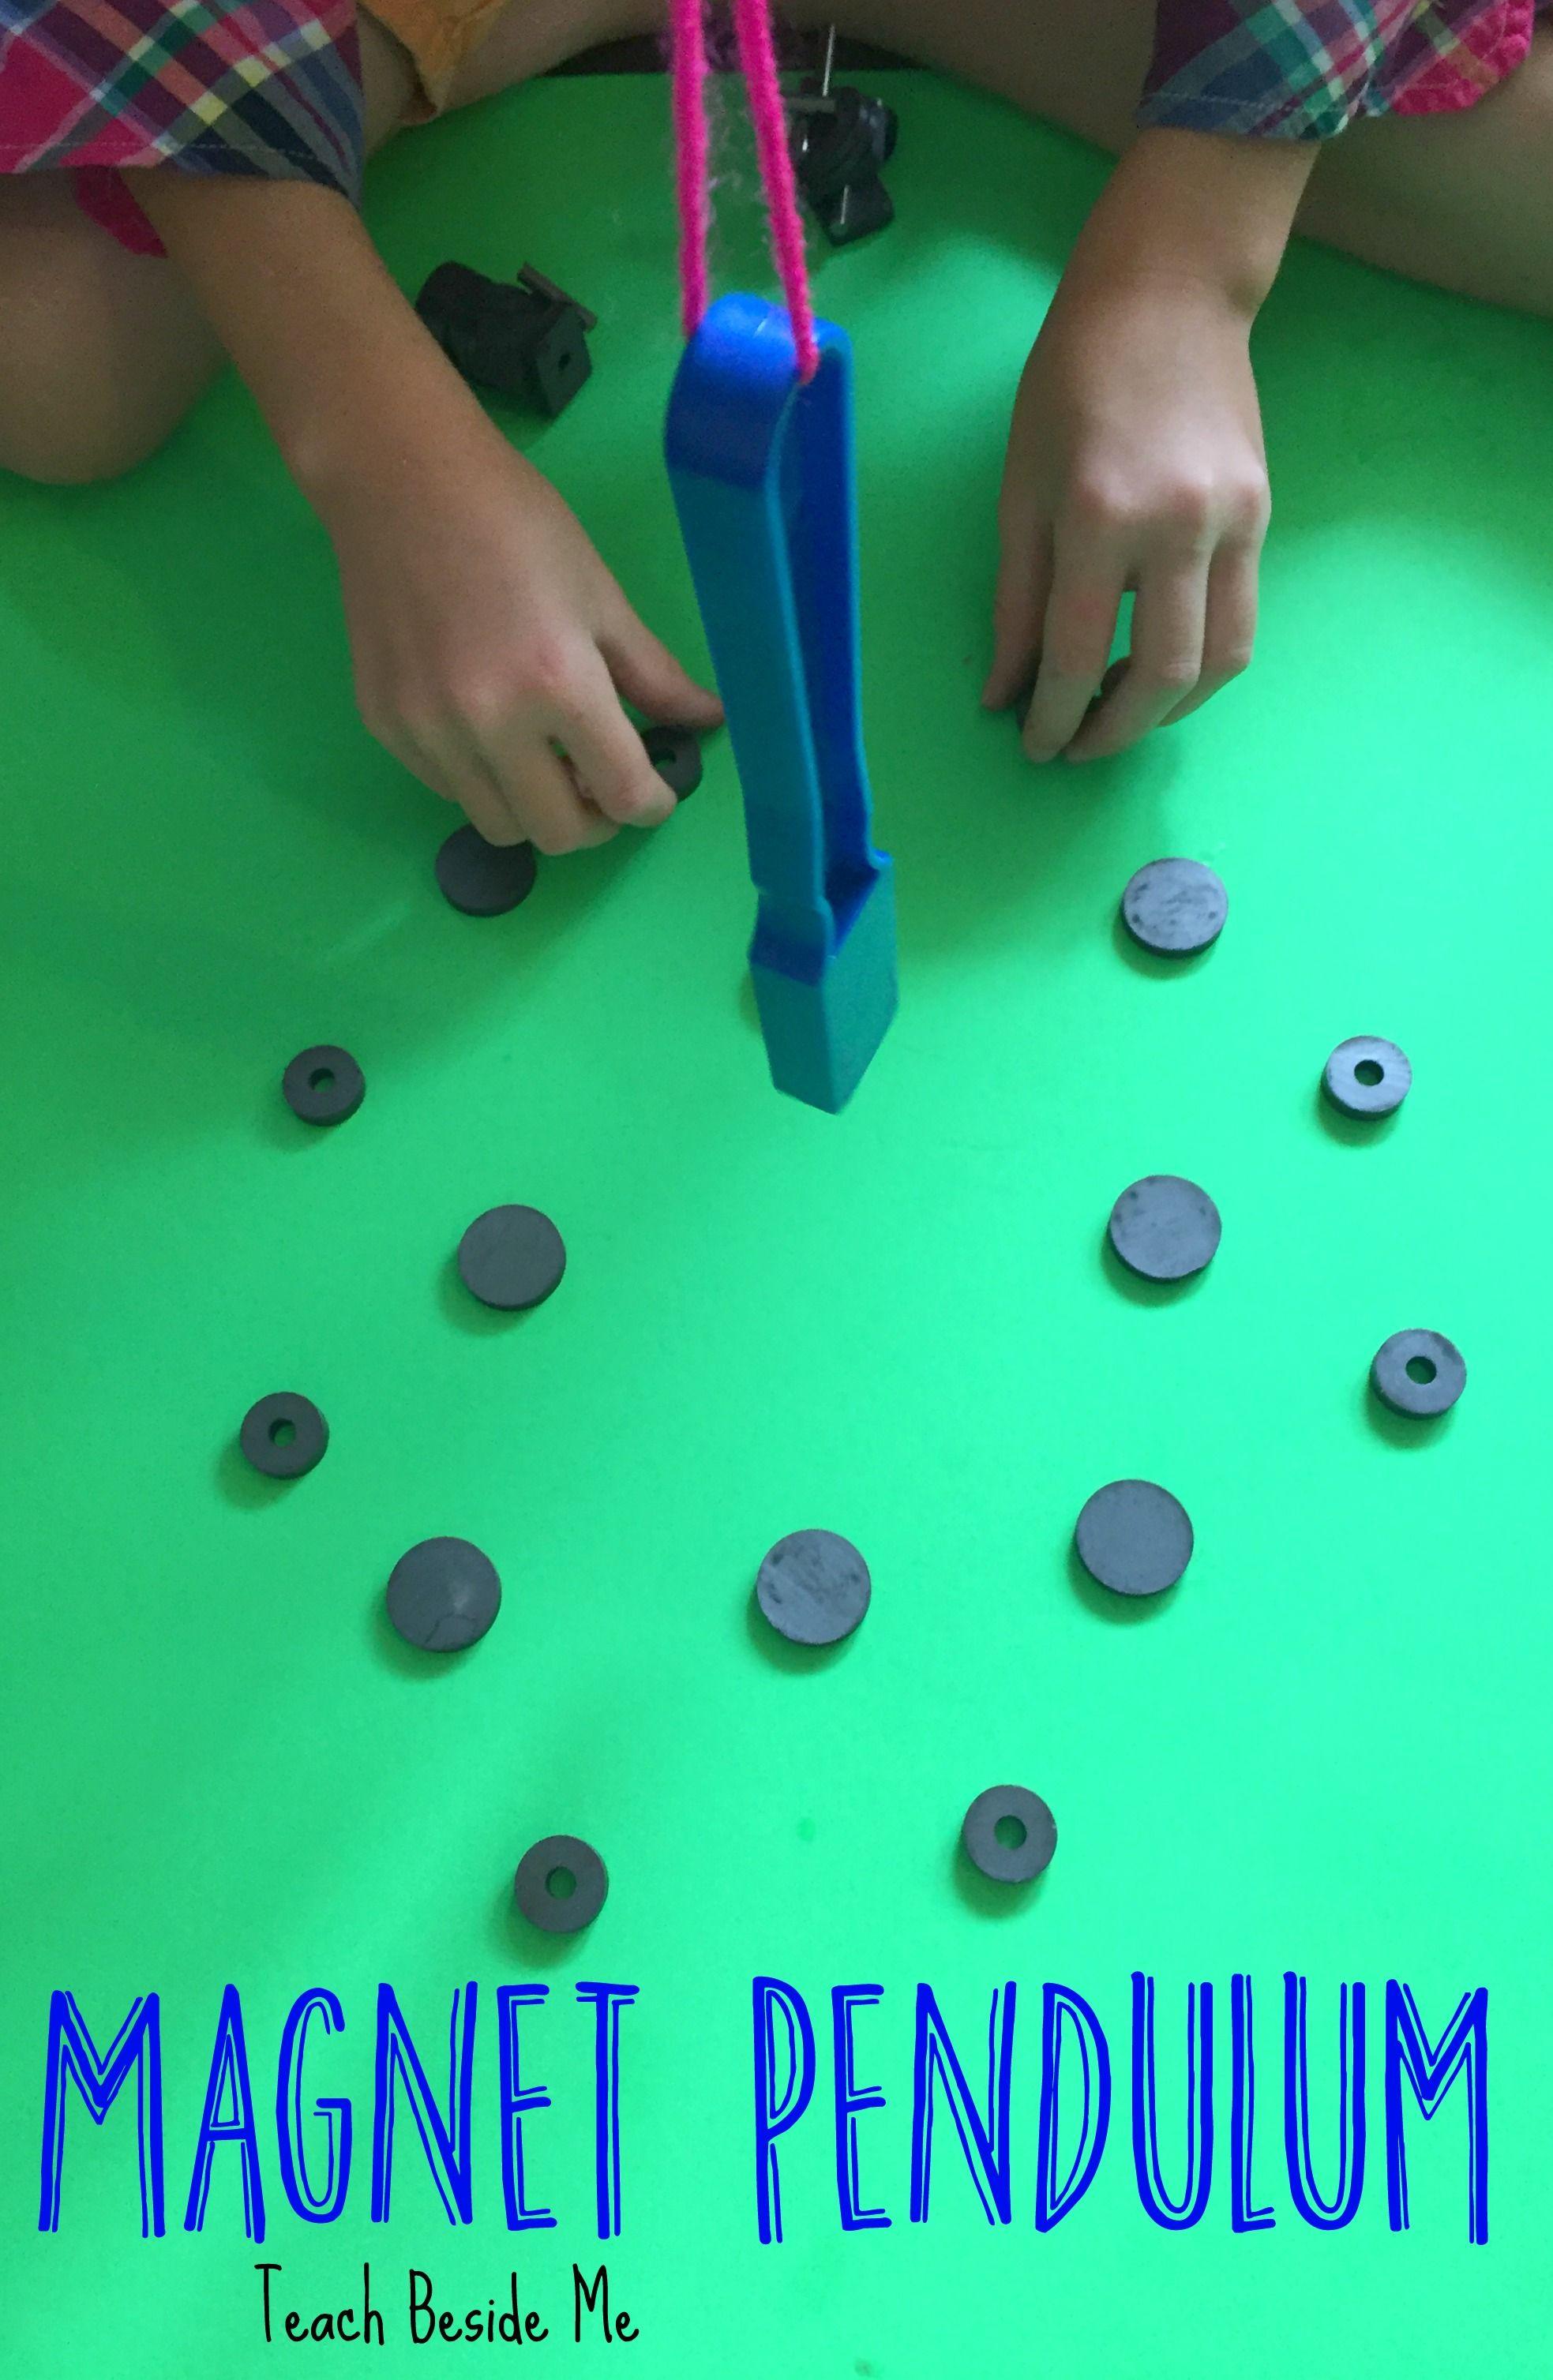 Magnet Pendulum